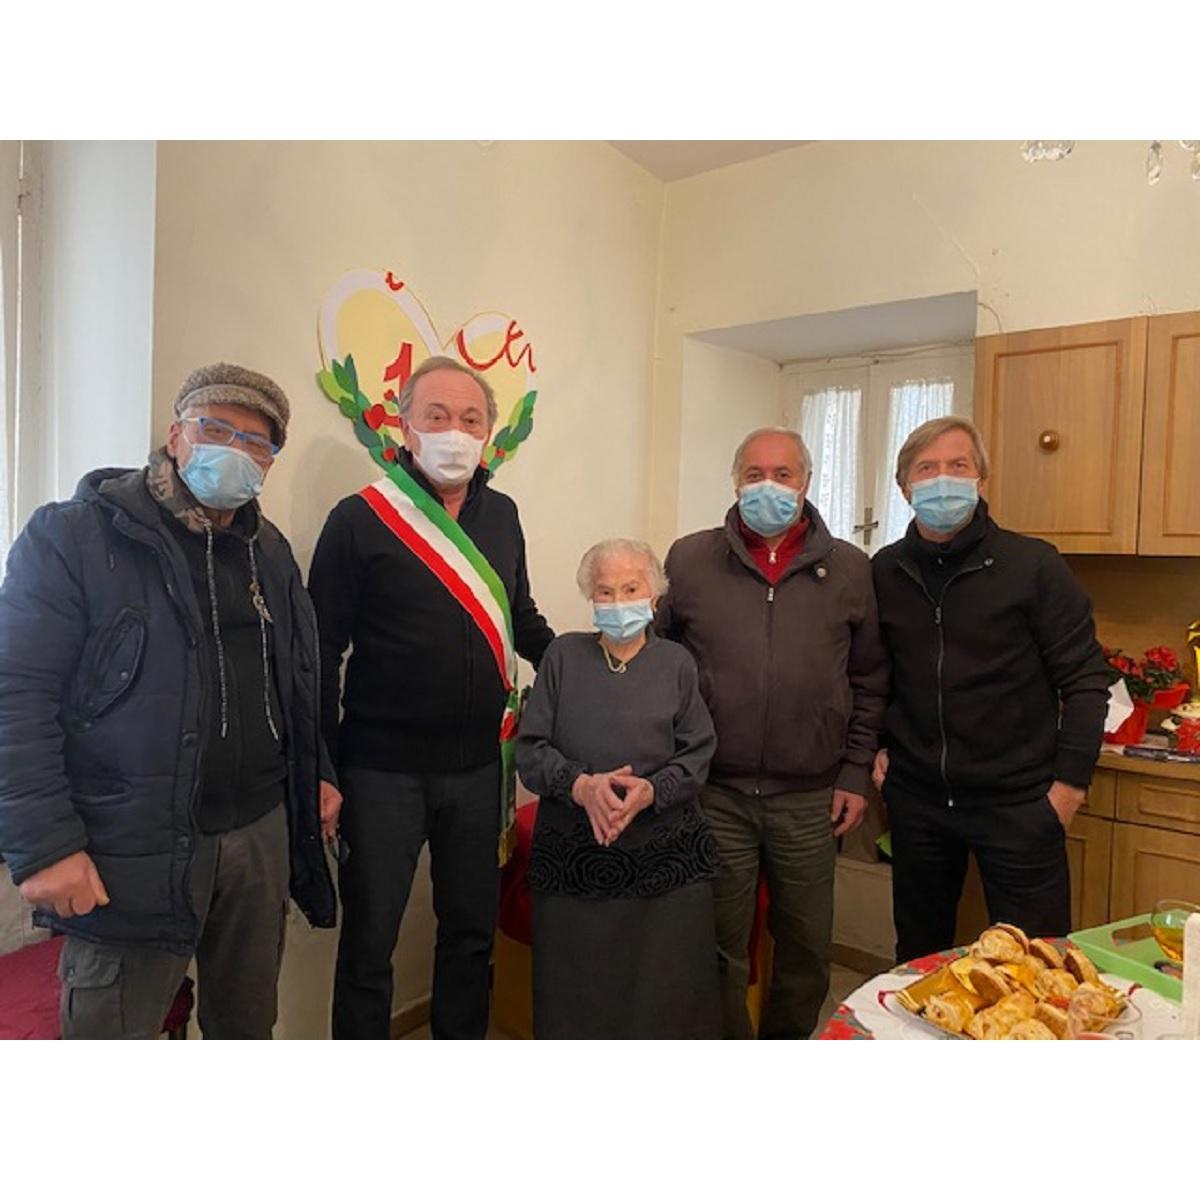 Manoppello festeggia 100 anni di Concetta Napoleone foto